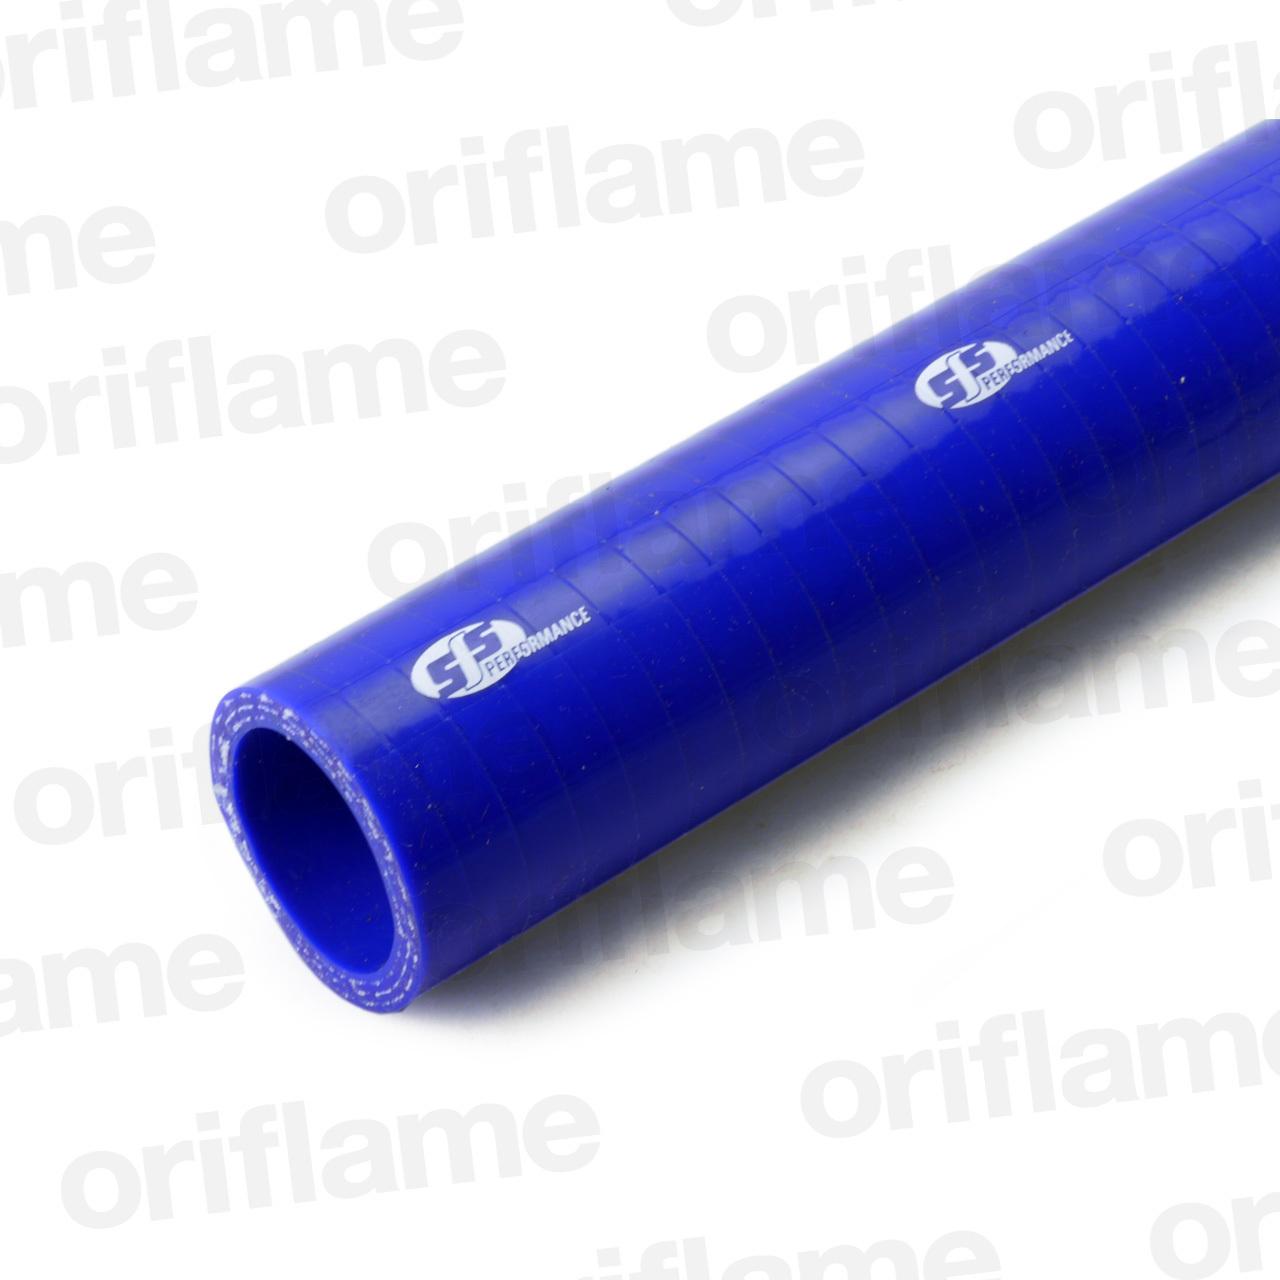 ストレートホース・内径30mm・ブルー